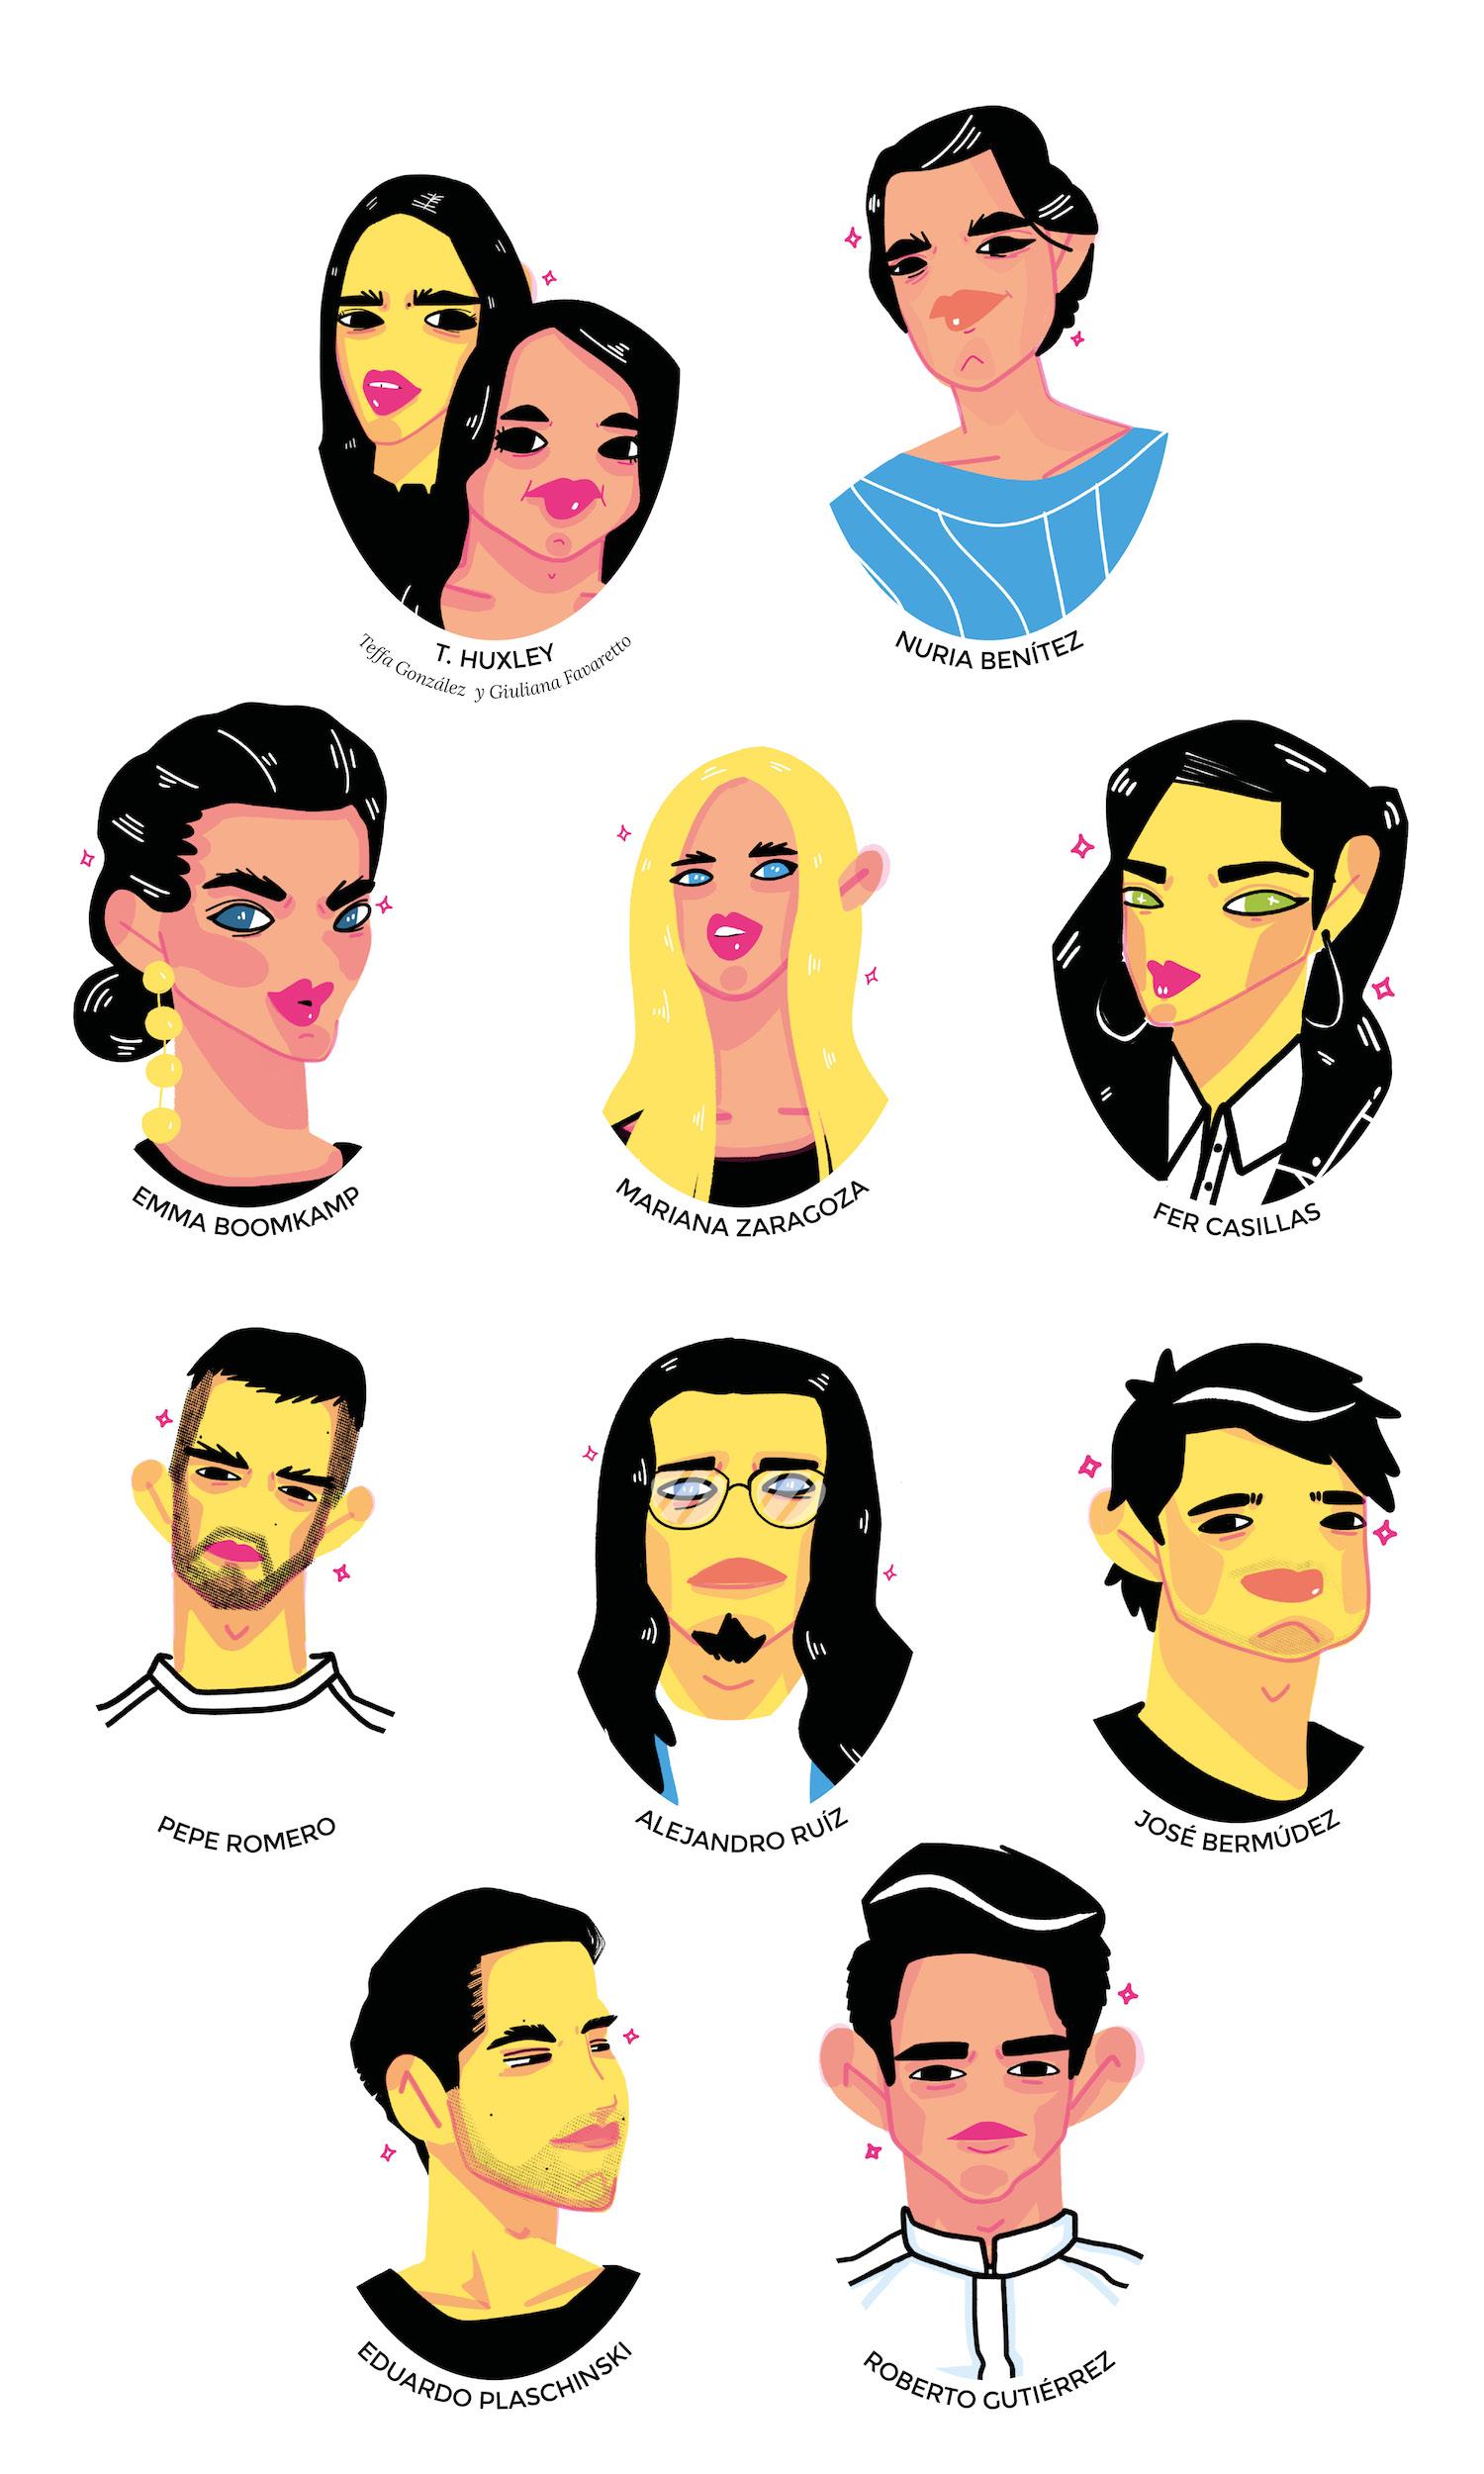 29 Talentos Mexicanos menores de 30 años